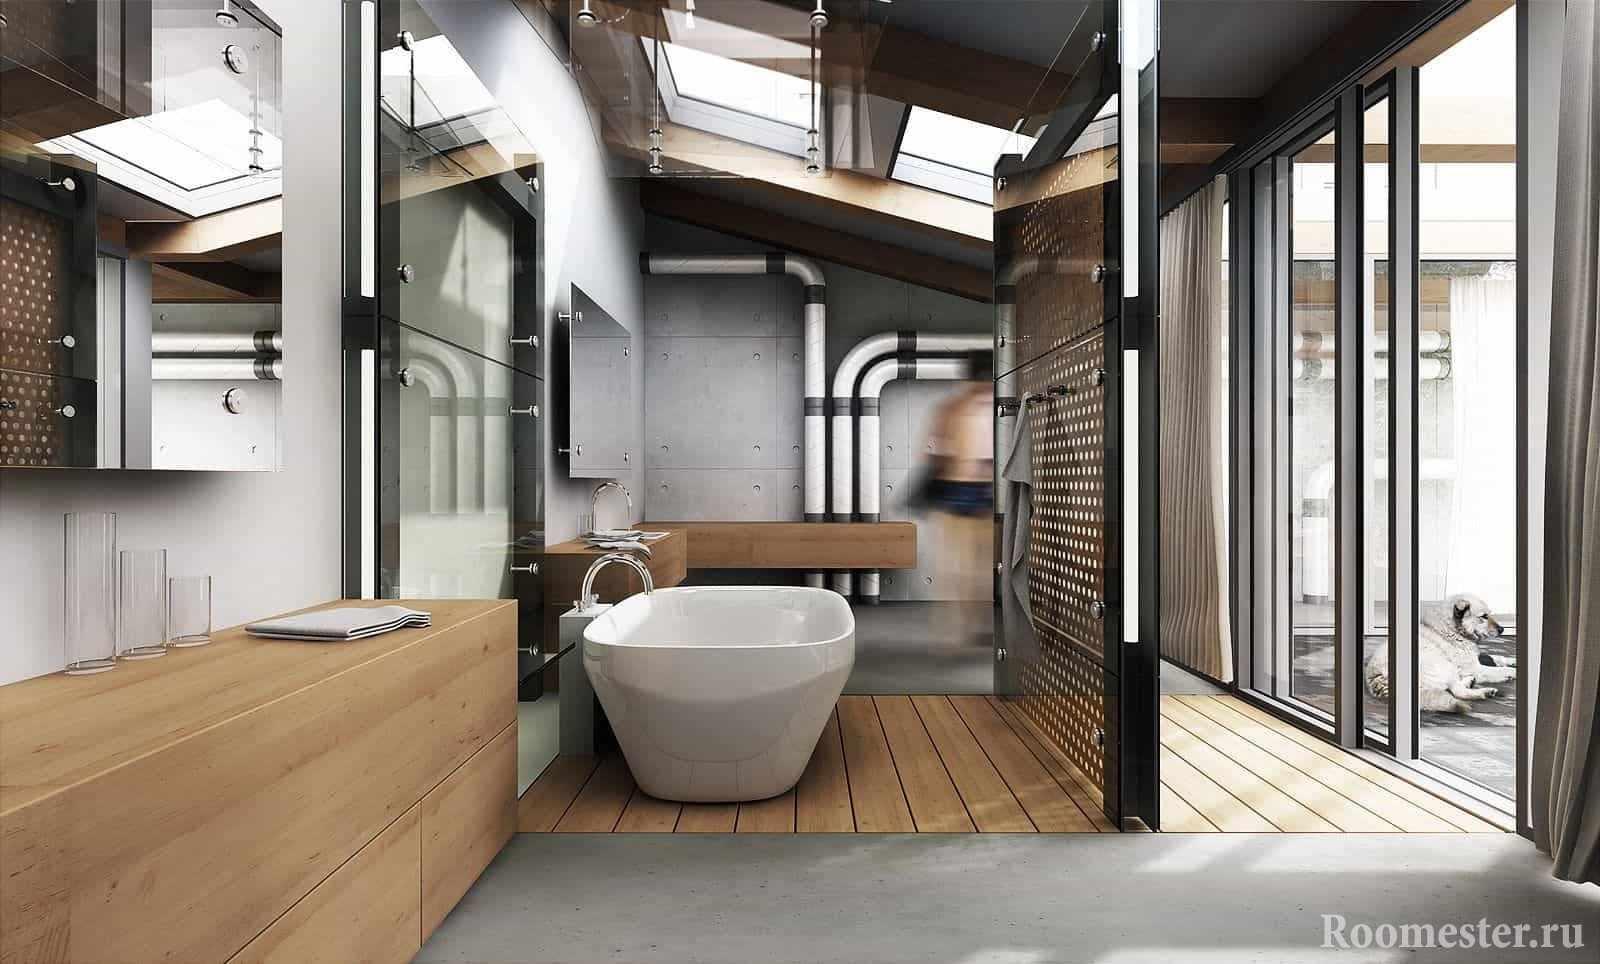 Стильная сантехника в ванной